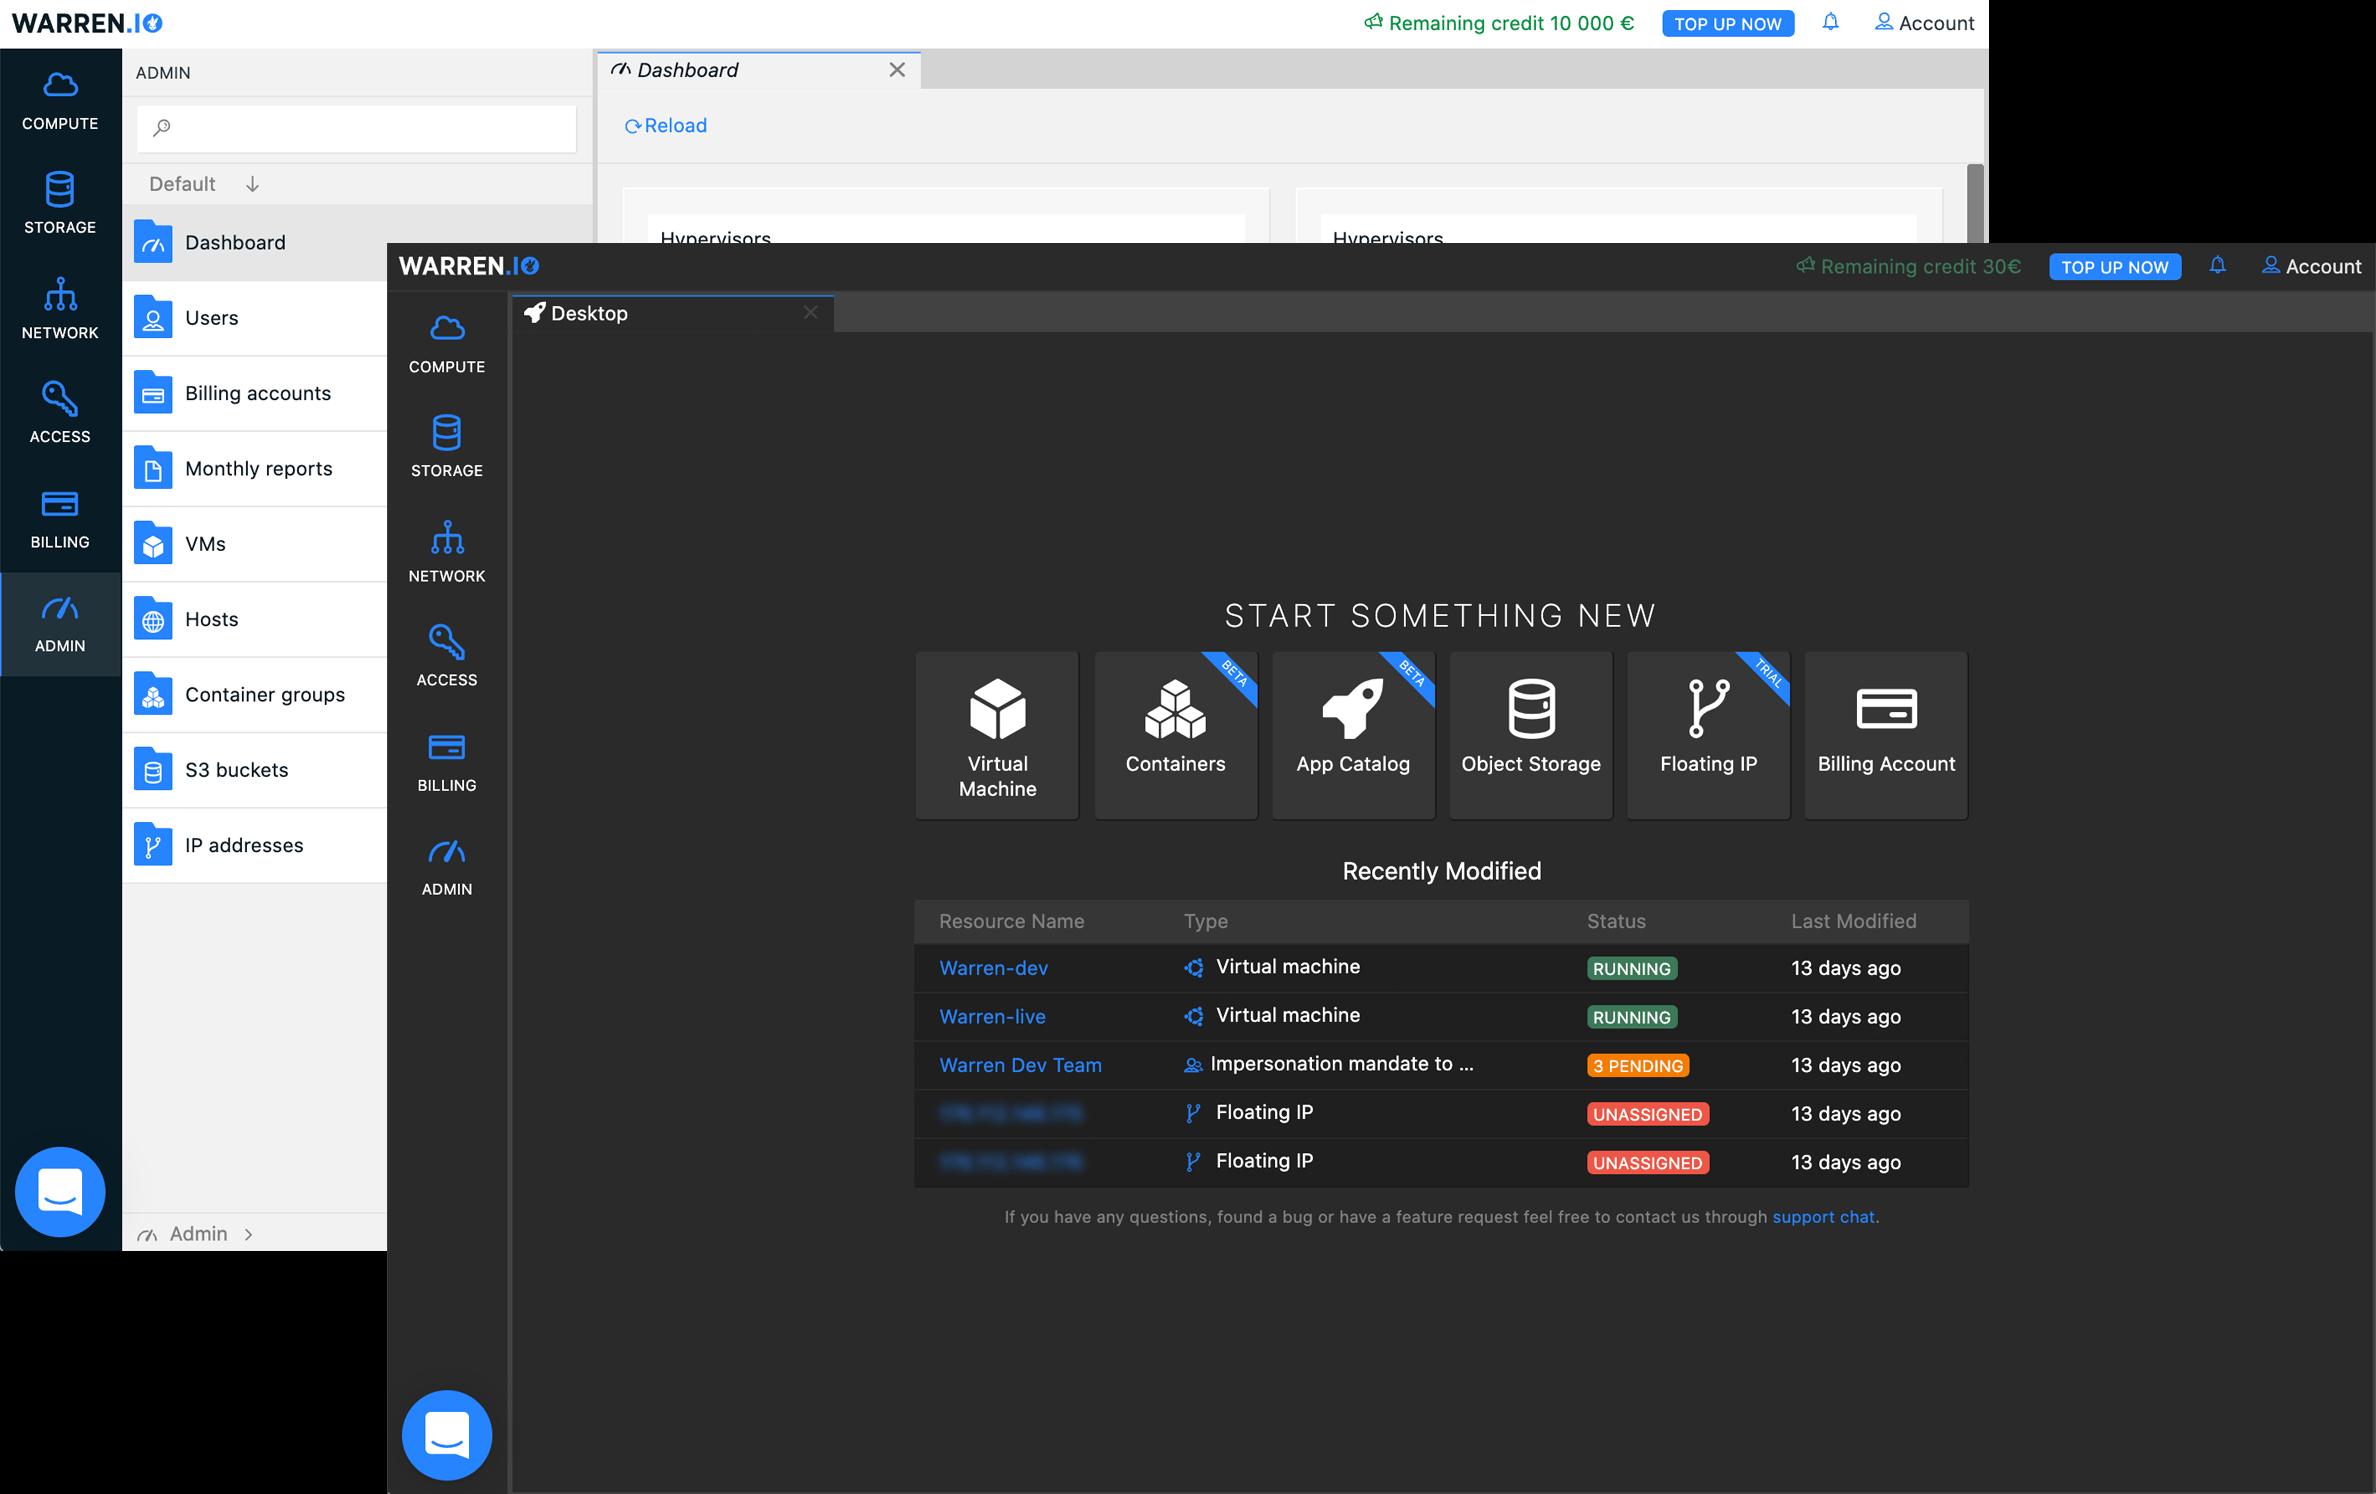 Recursos de gerenciamento de serviços - Customization - warren.io